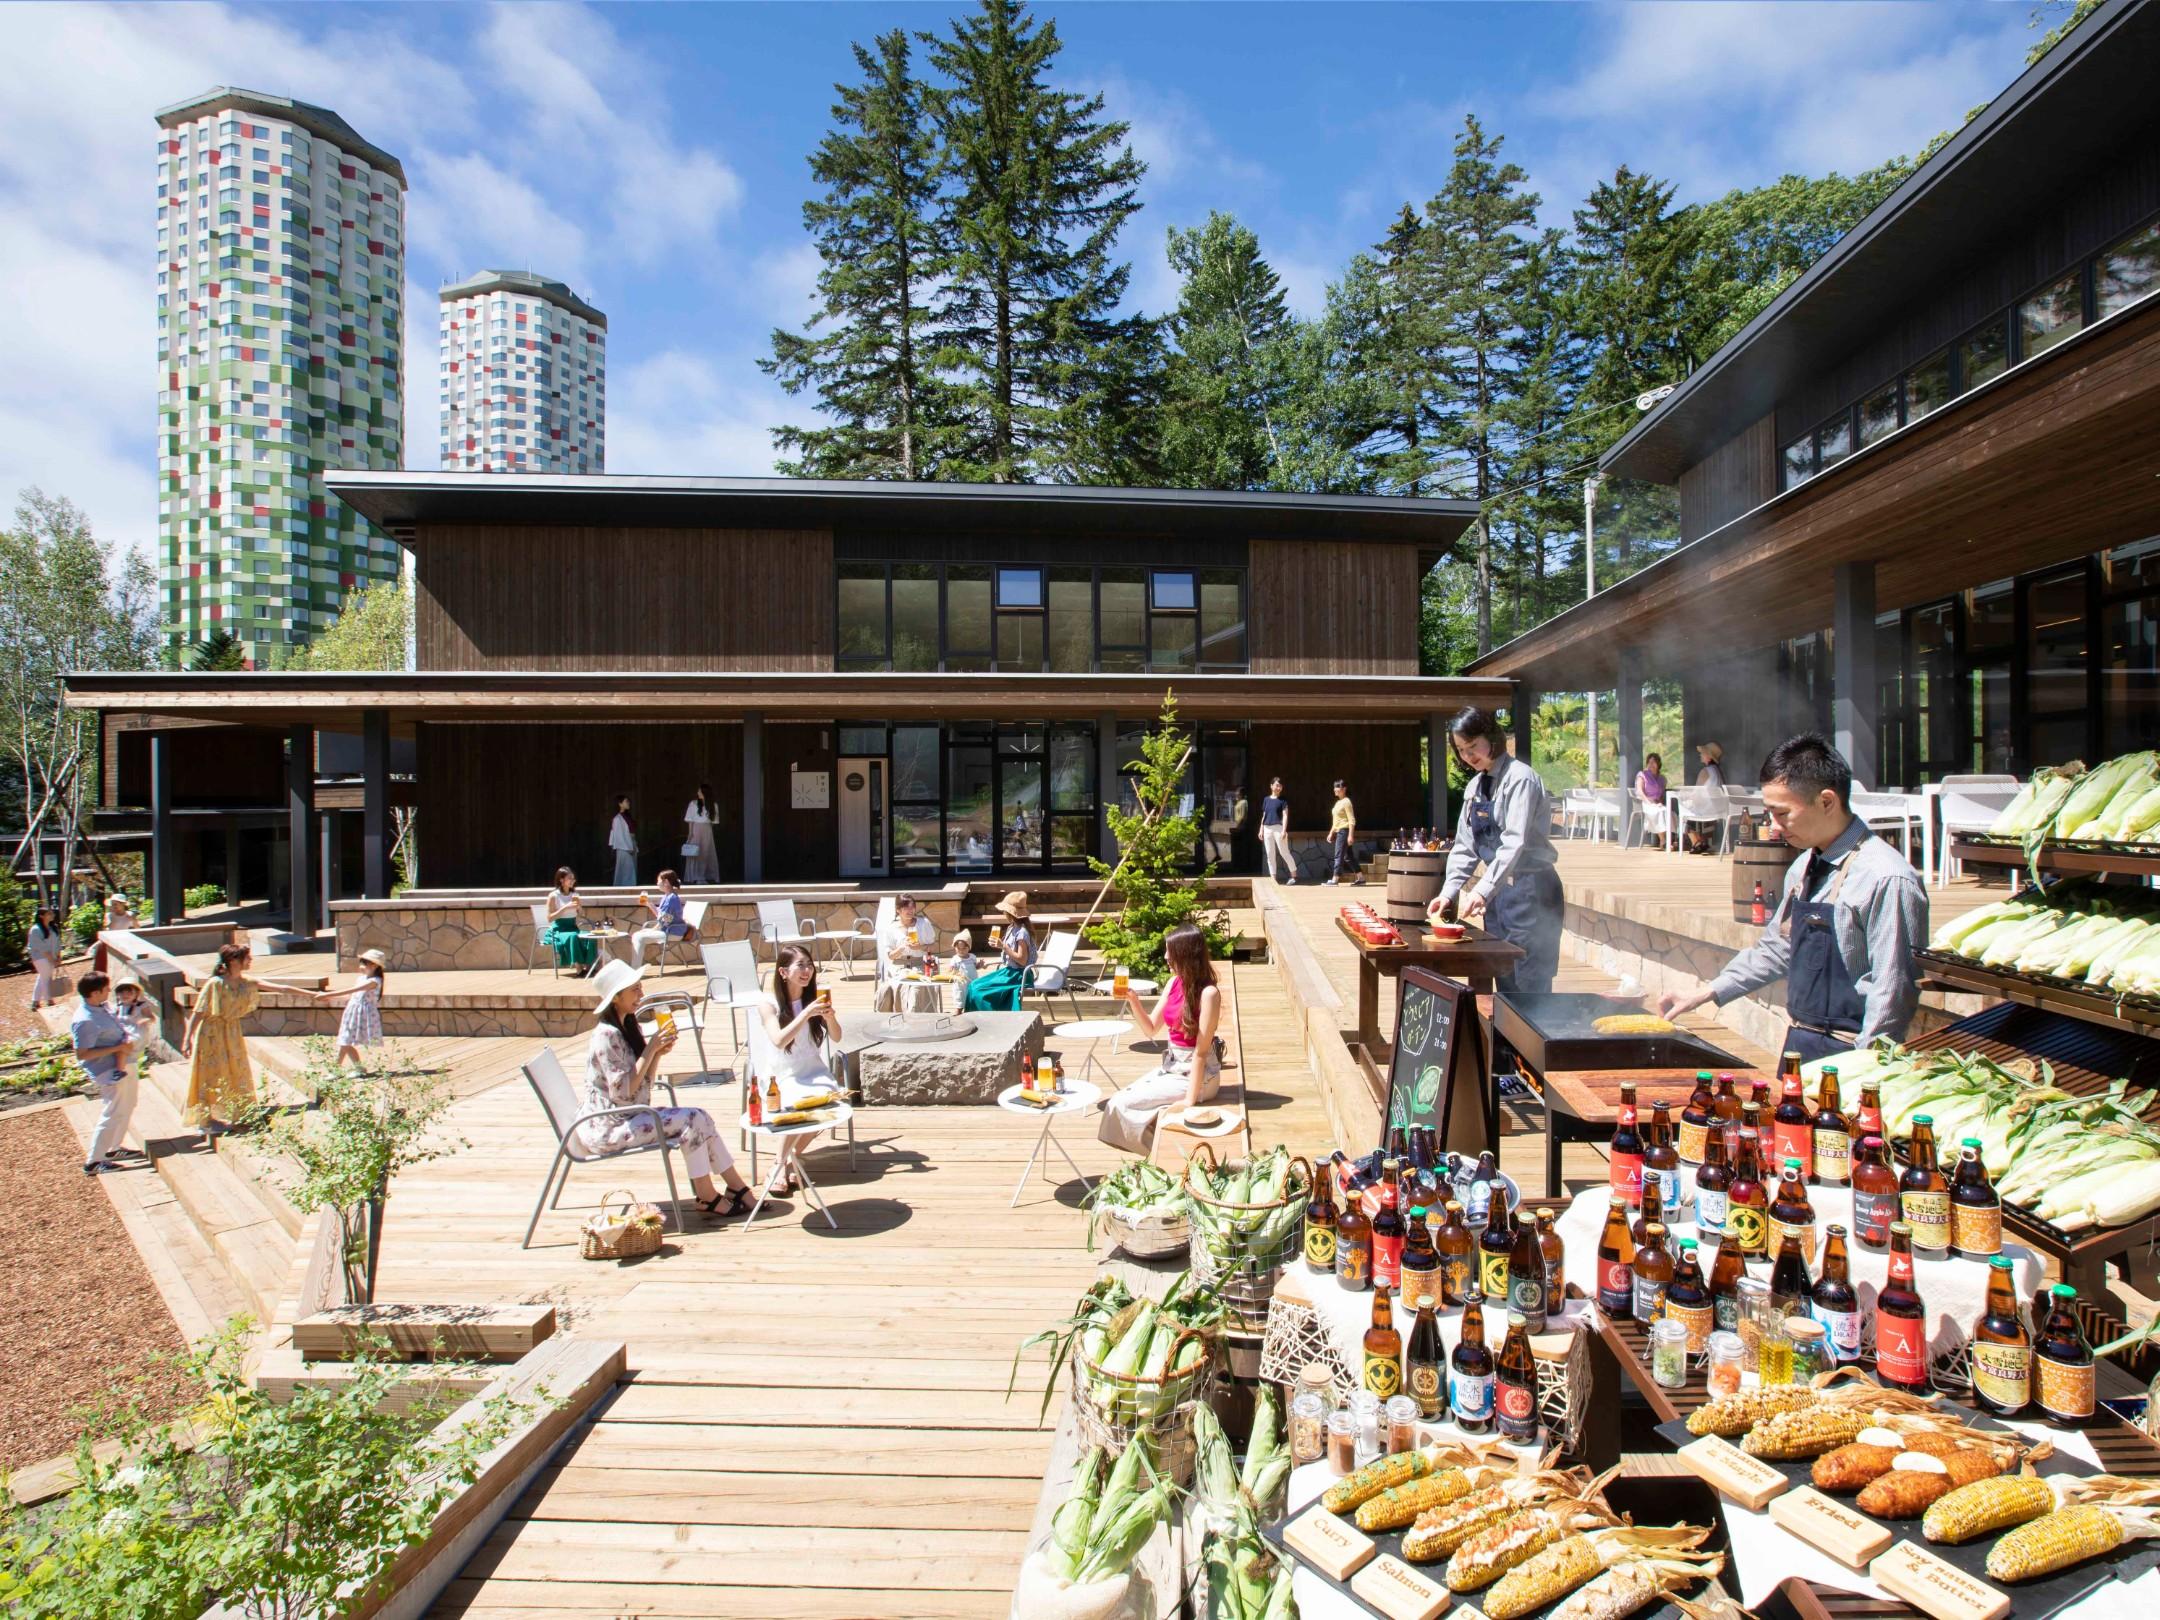 トマム 夏の北海道でとうきびとビールを楽しむイベント 「とうきビアガーデン」を今年も開催